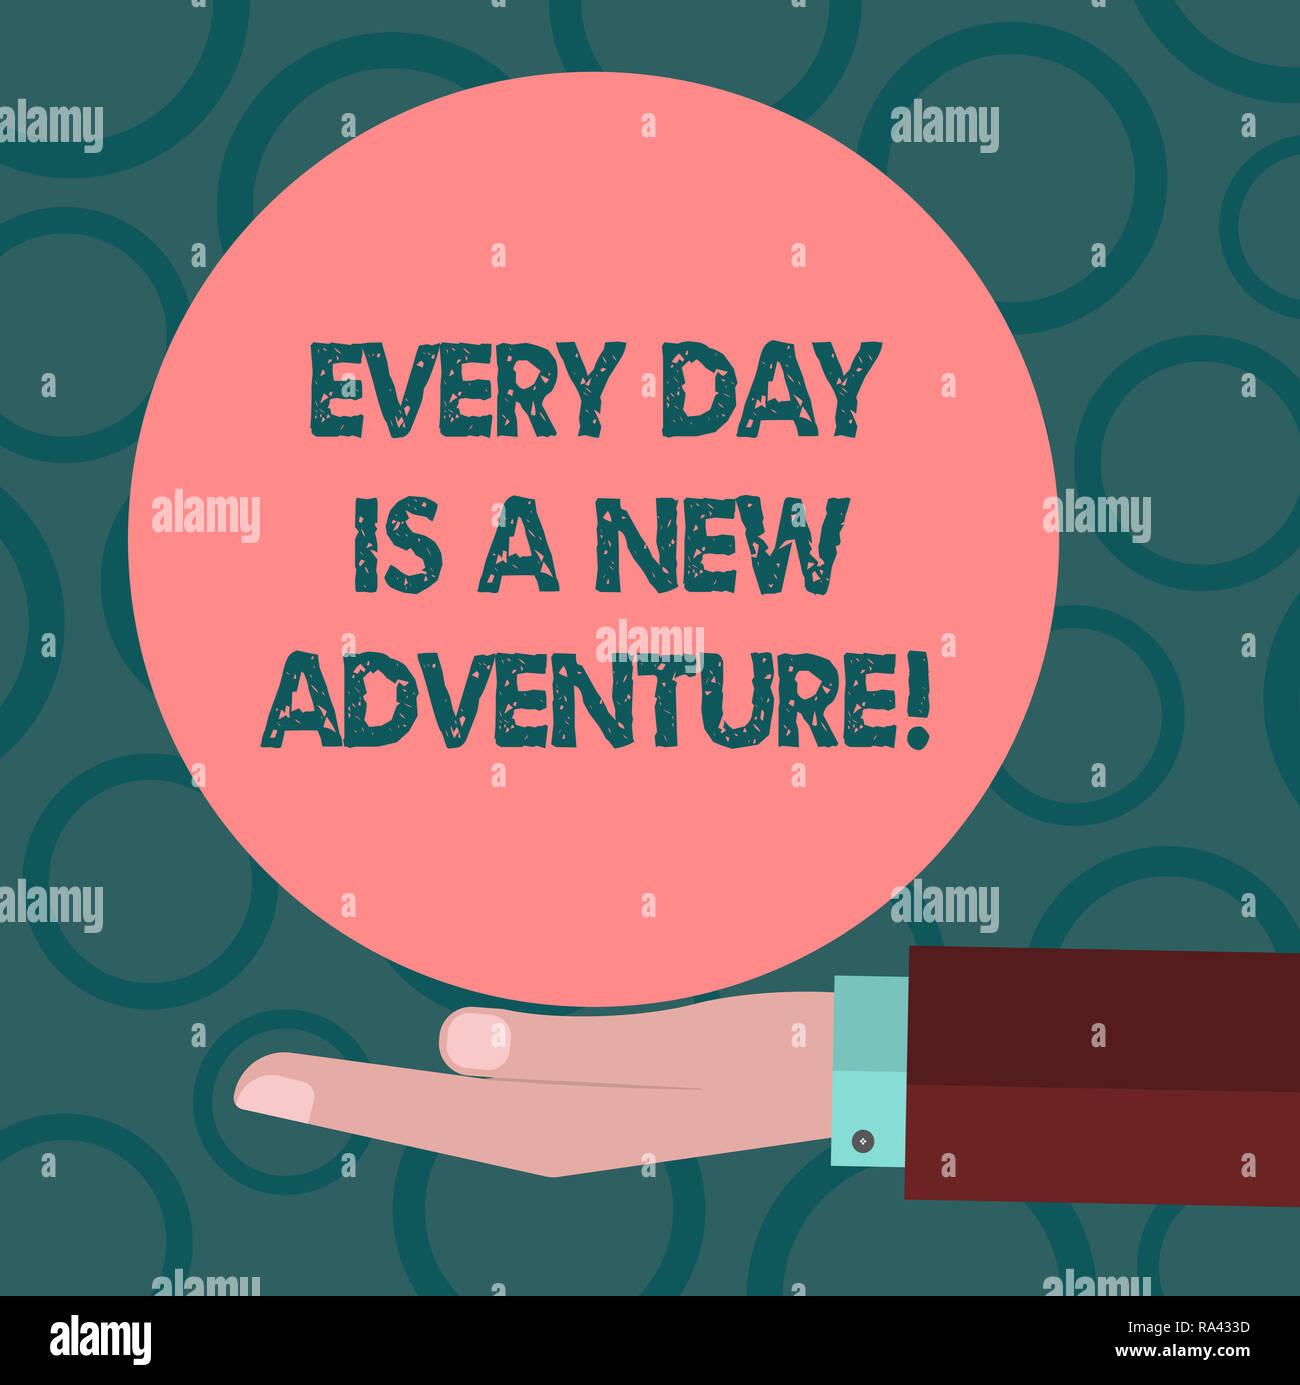 Escribir nota mostrando cada día es una nueva aventura. Exhibición fotográfica de negocios Comience su día con positivismo motivación análisis Hu mano ofreciendo Soli Imagen De Stock